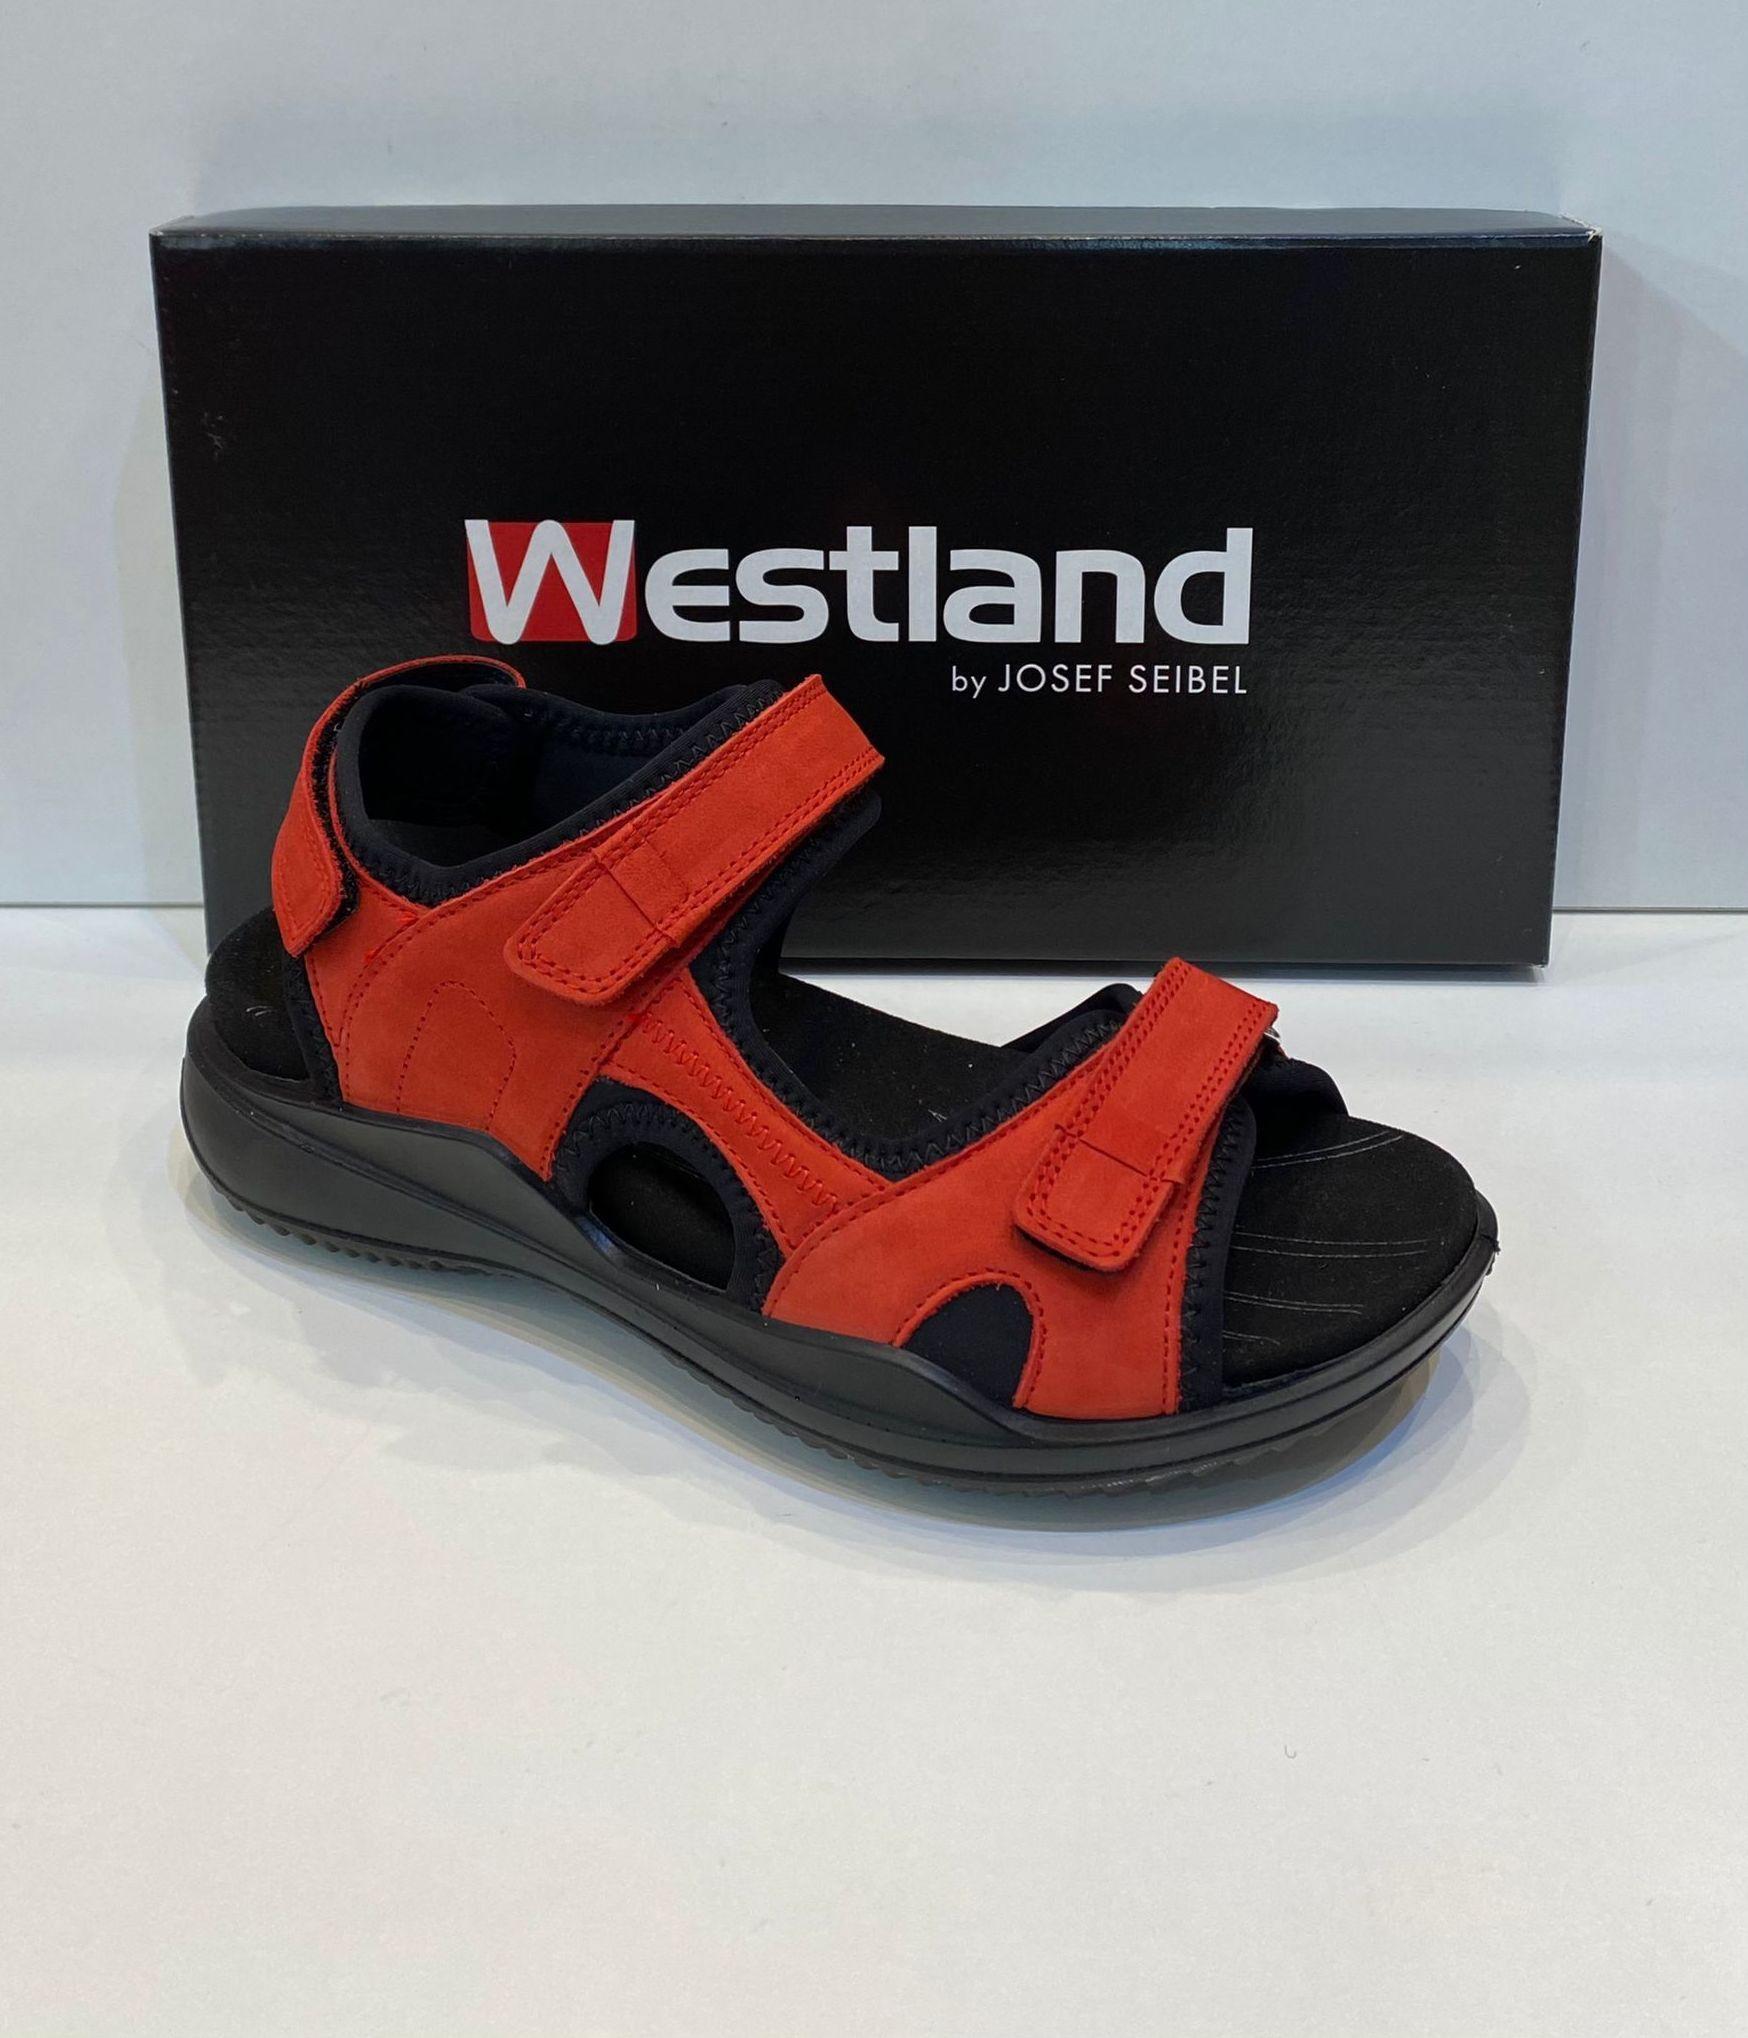 Sandàlia de dona, de la marca Westland, ample especial, adaptable a totes les amplades, plantilla de viscoelàstica extraible, adaptable a plantilles ortopèdiques 99.95€ www.calzadosllinas.es